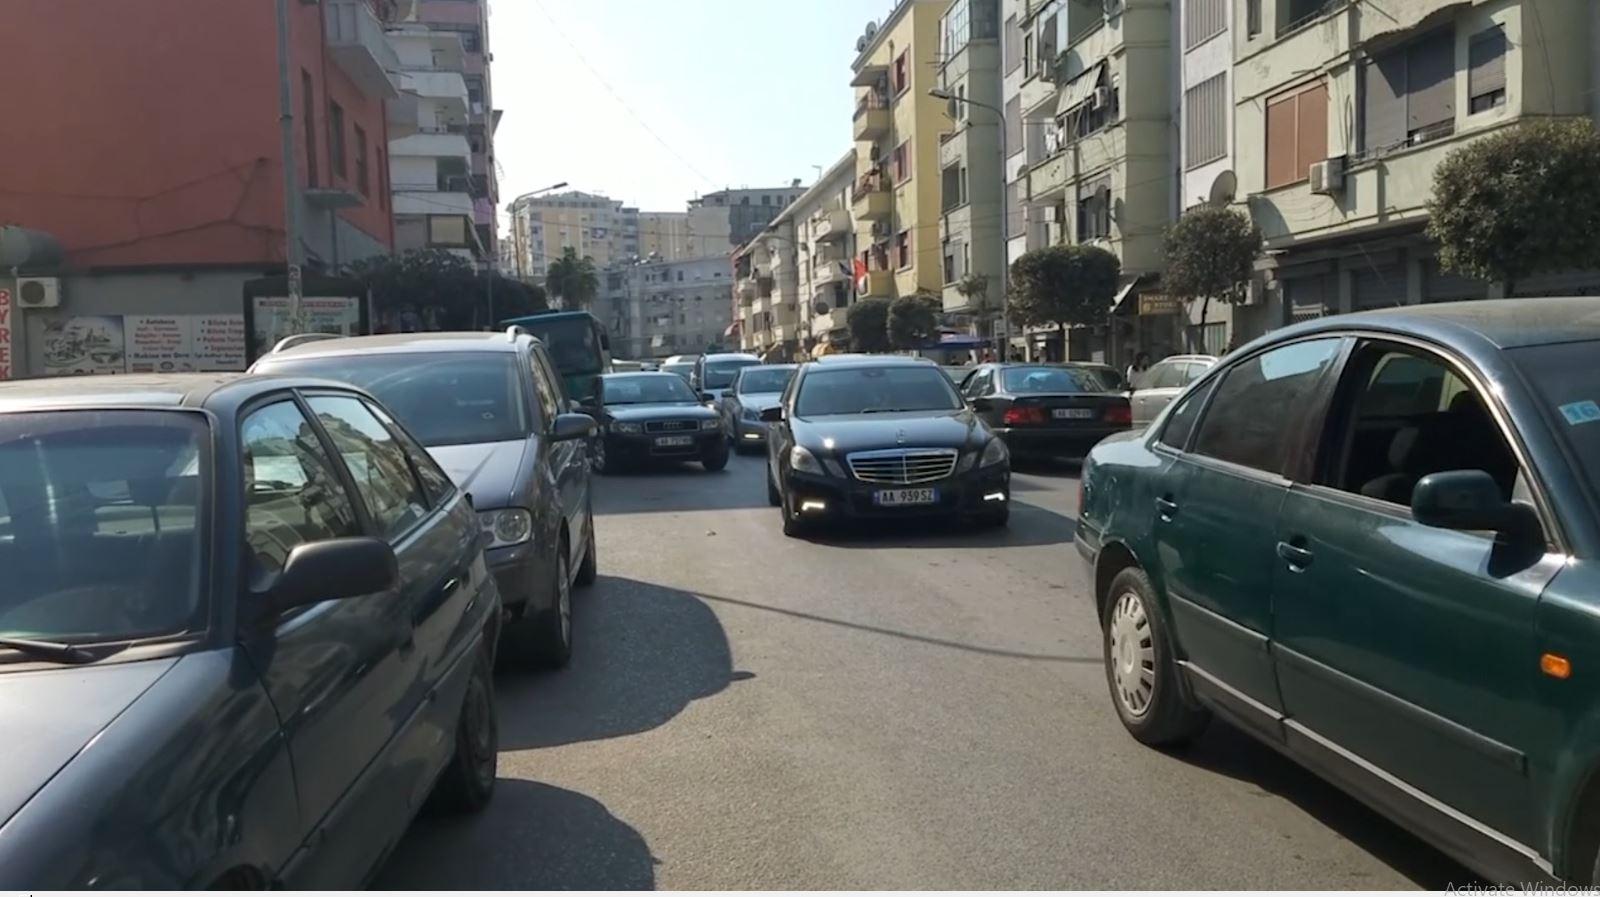 Durrësi, trafik i rënduar në çdo rrugë brenda dhe jashtë qytetit